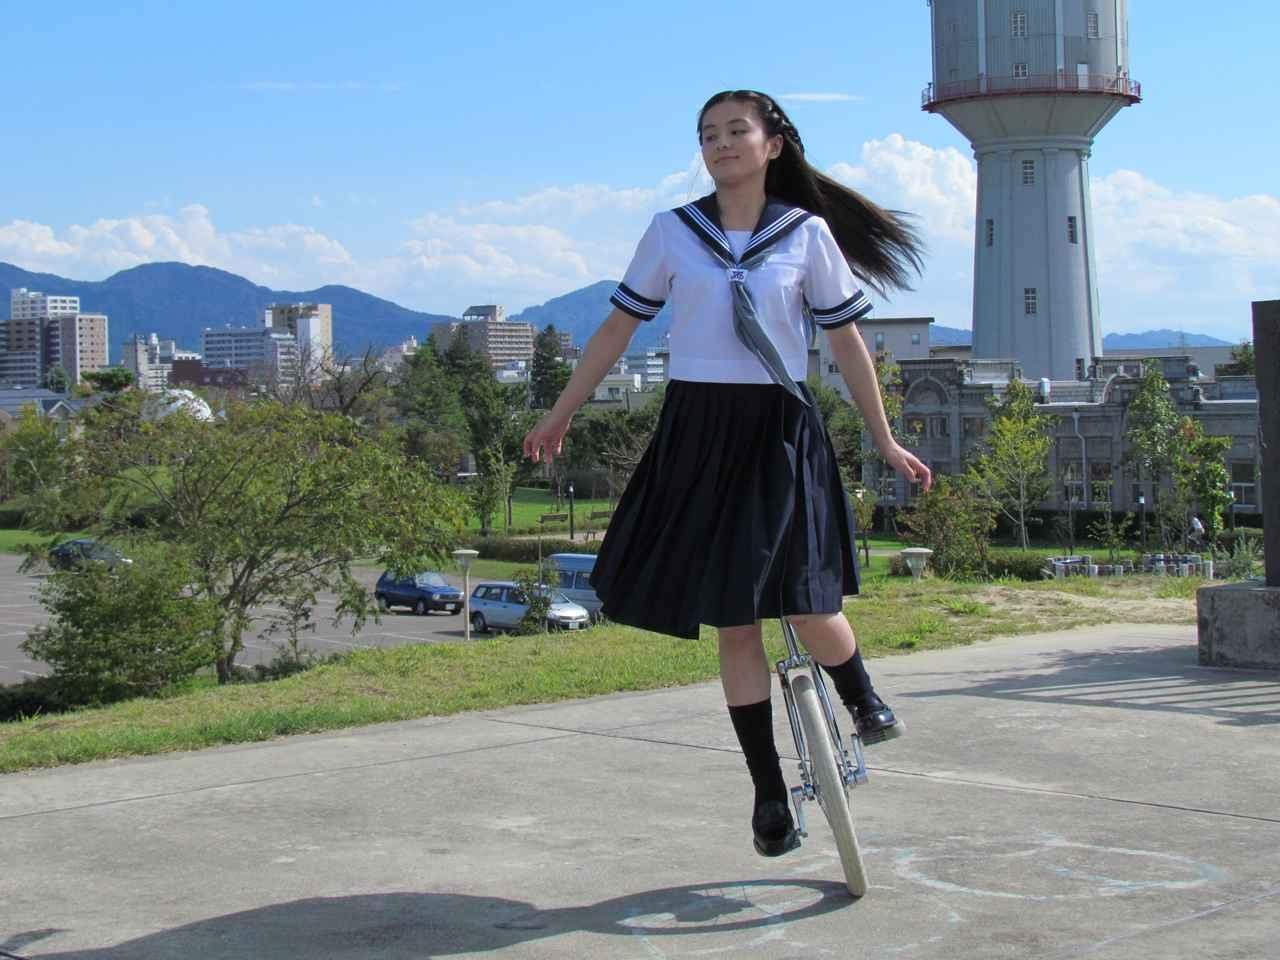 画像2: ©「長岡映画」製作委員会 PSC 2011